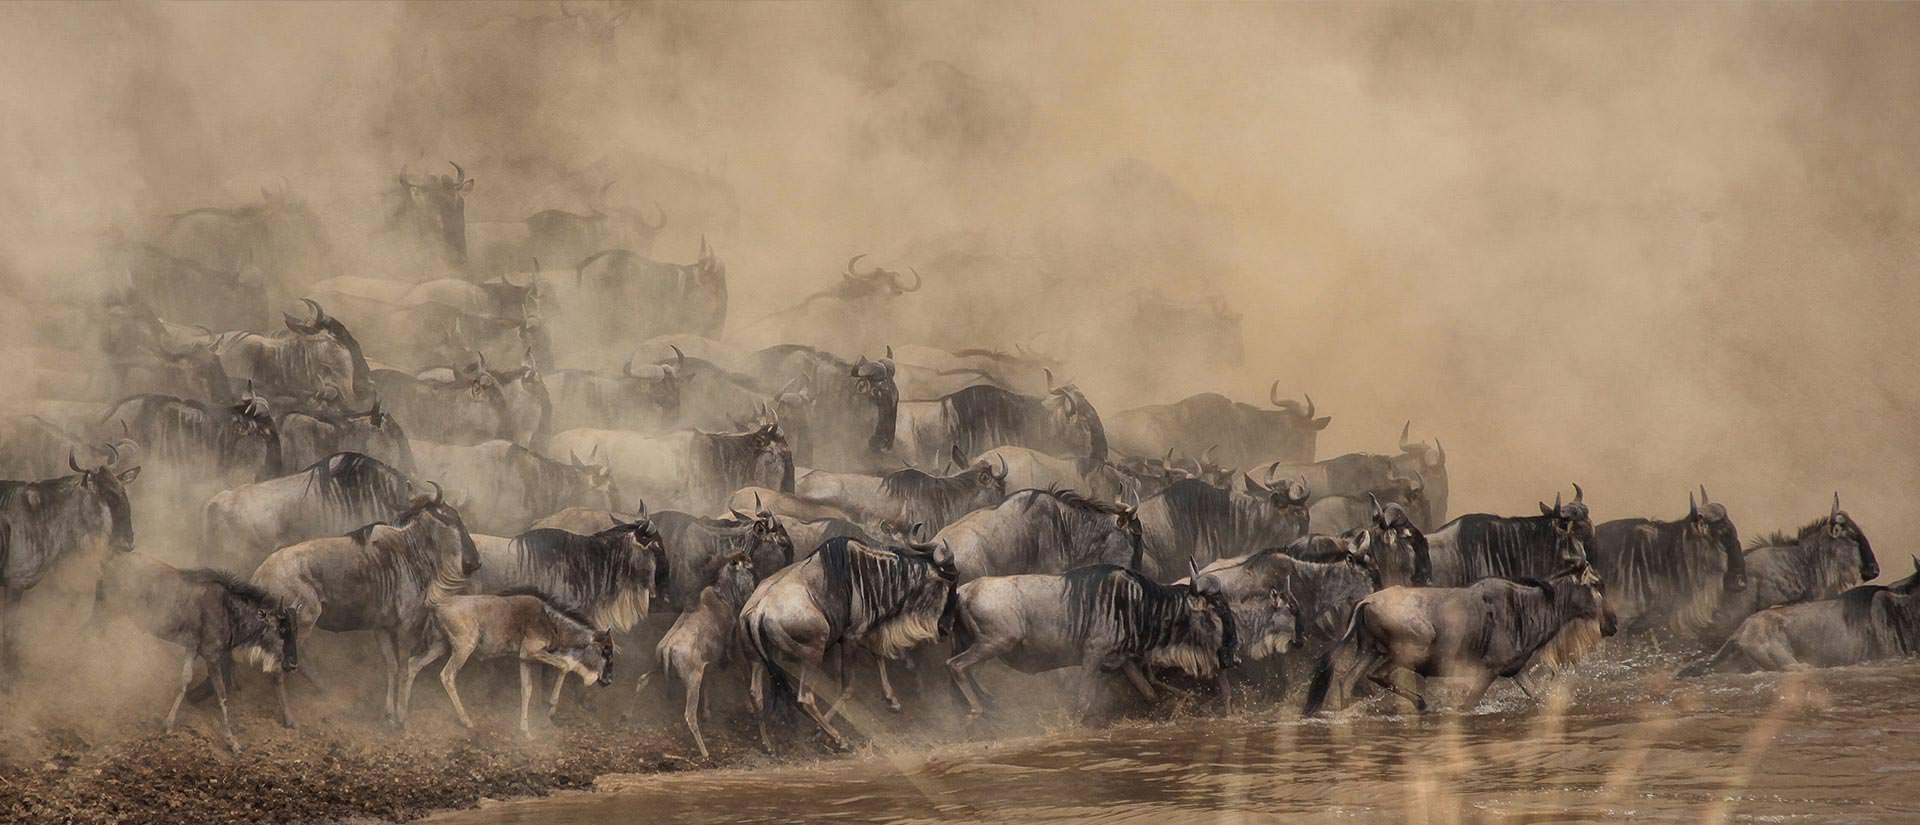 הנדידה הגדולה במרחבי הסרנגטי, טנזניה